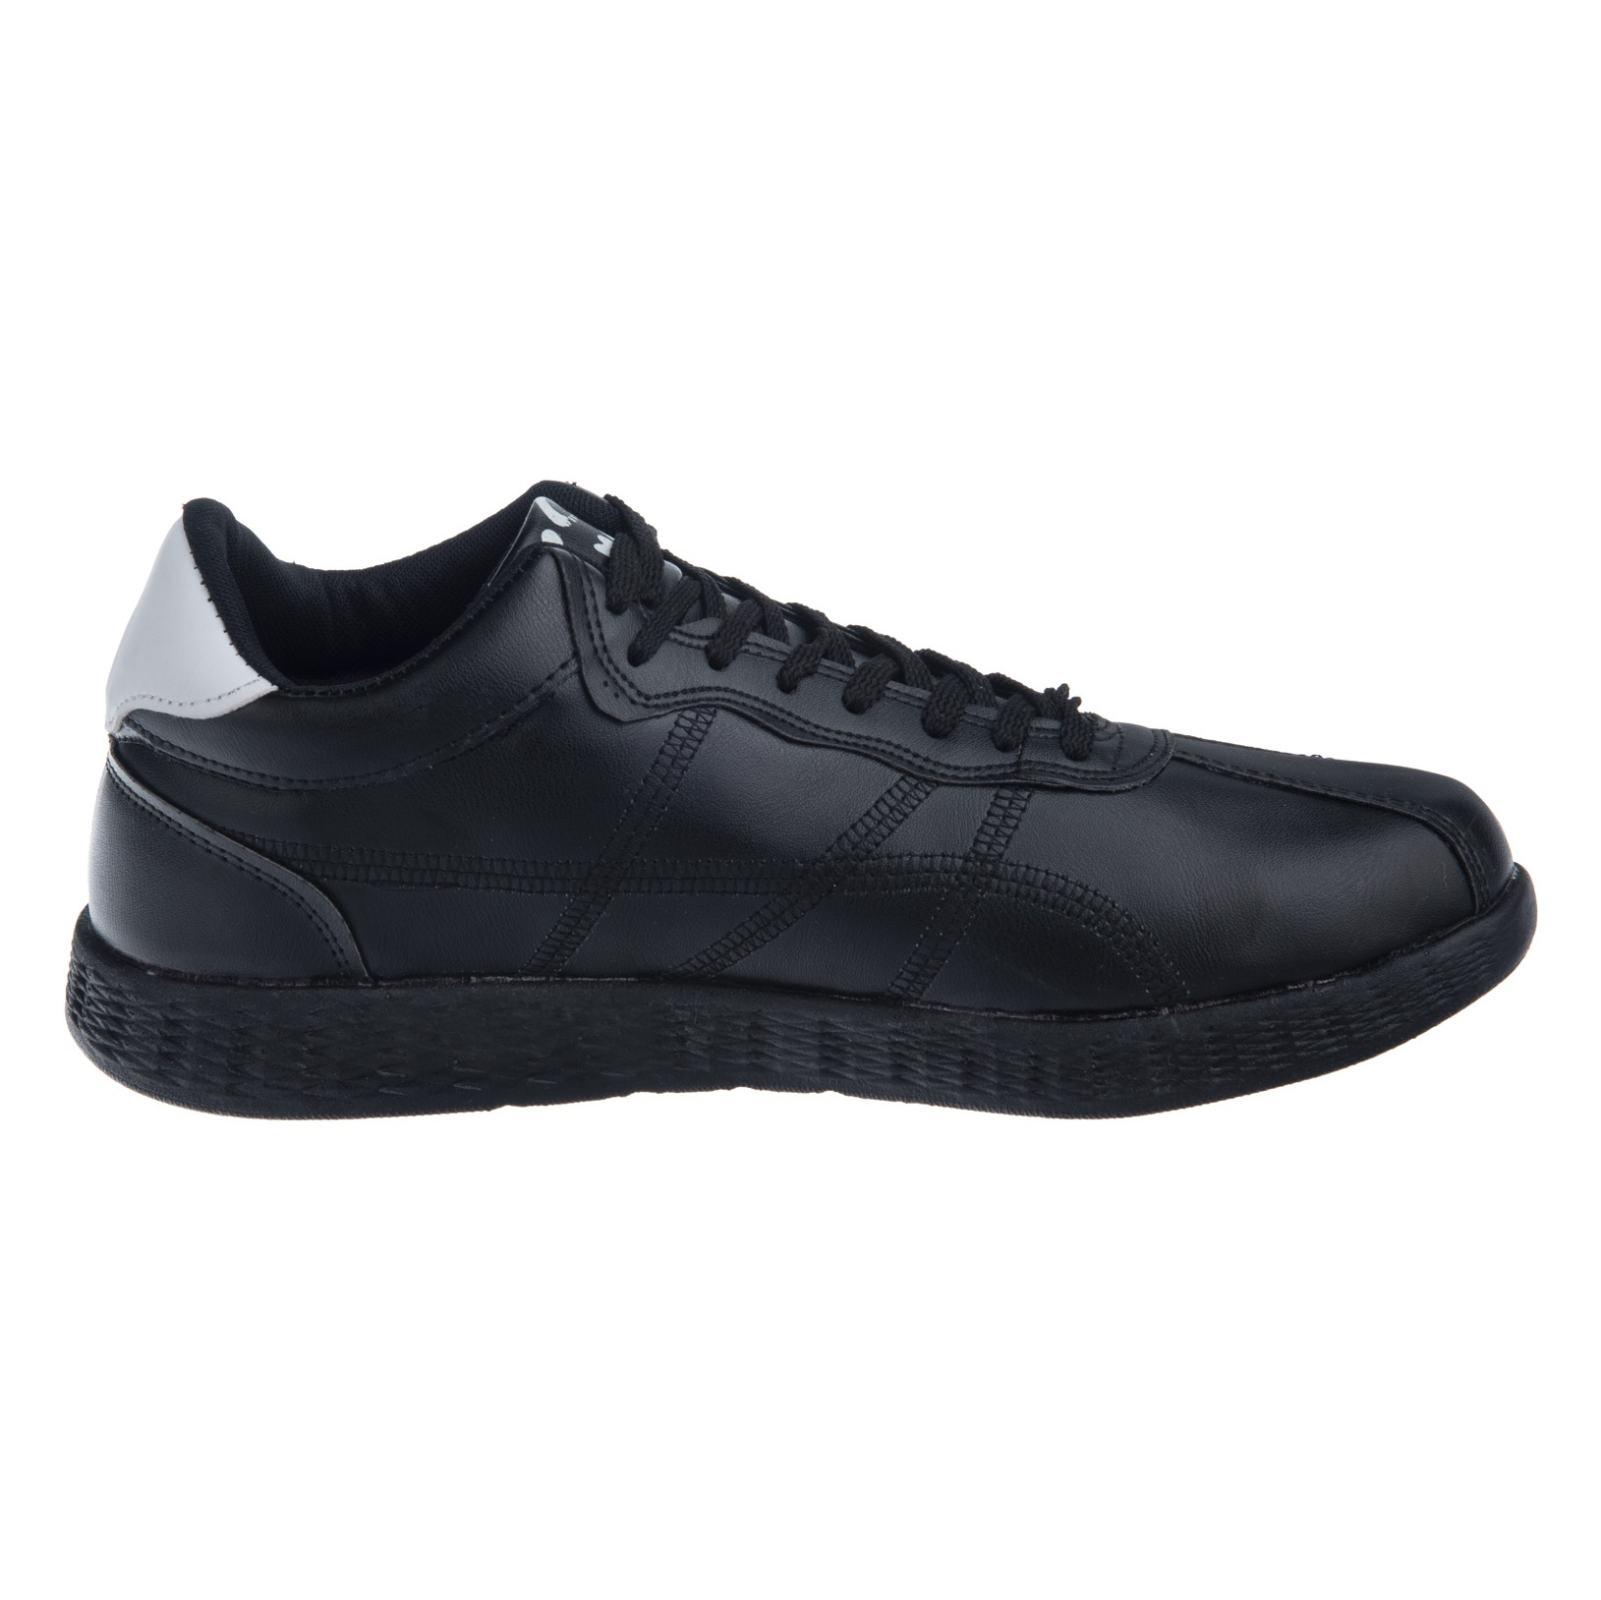 کفش ورزشی مردانه اسپرت من مدل 39785-1-1 main 1 2